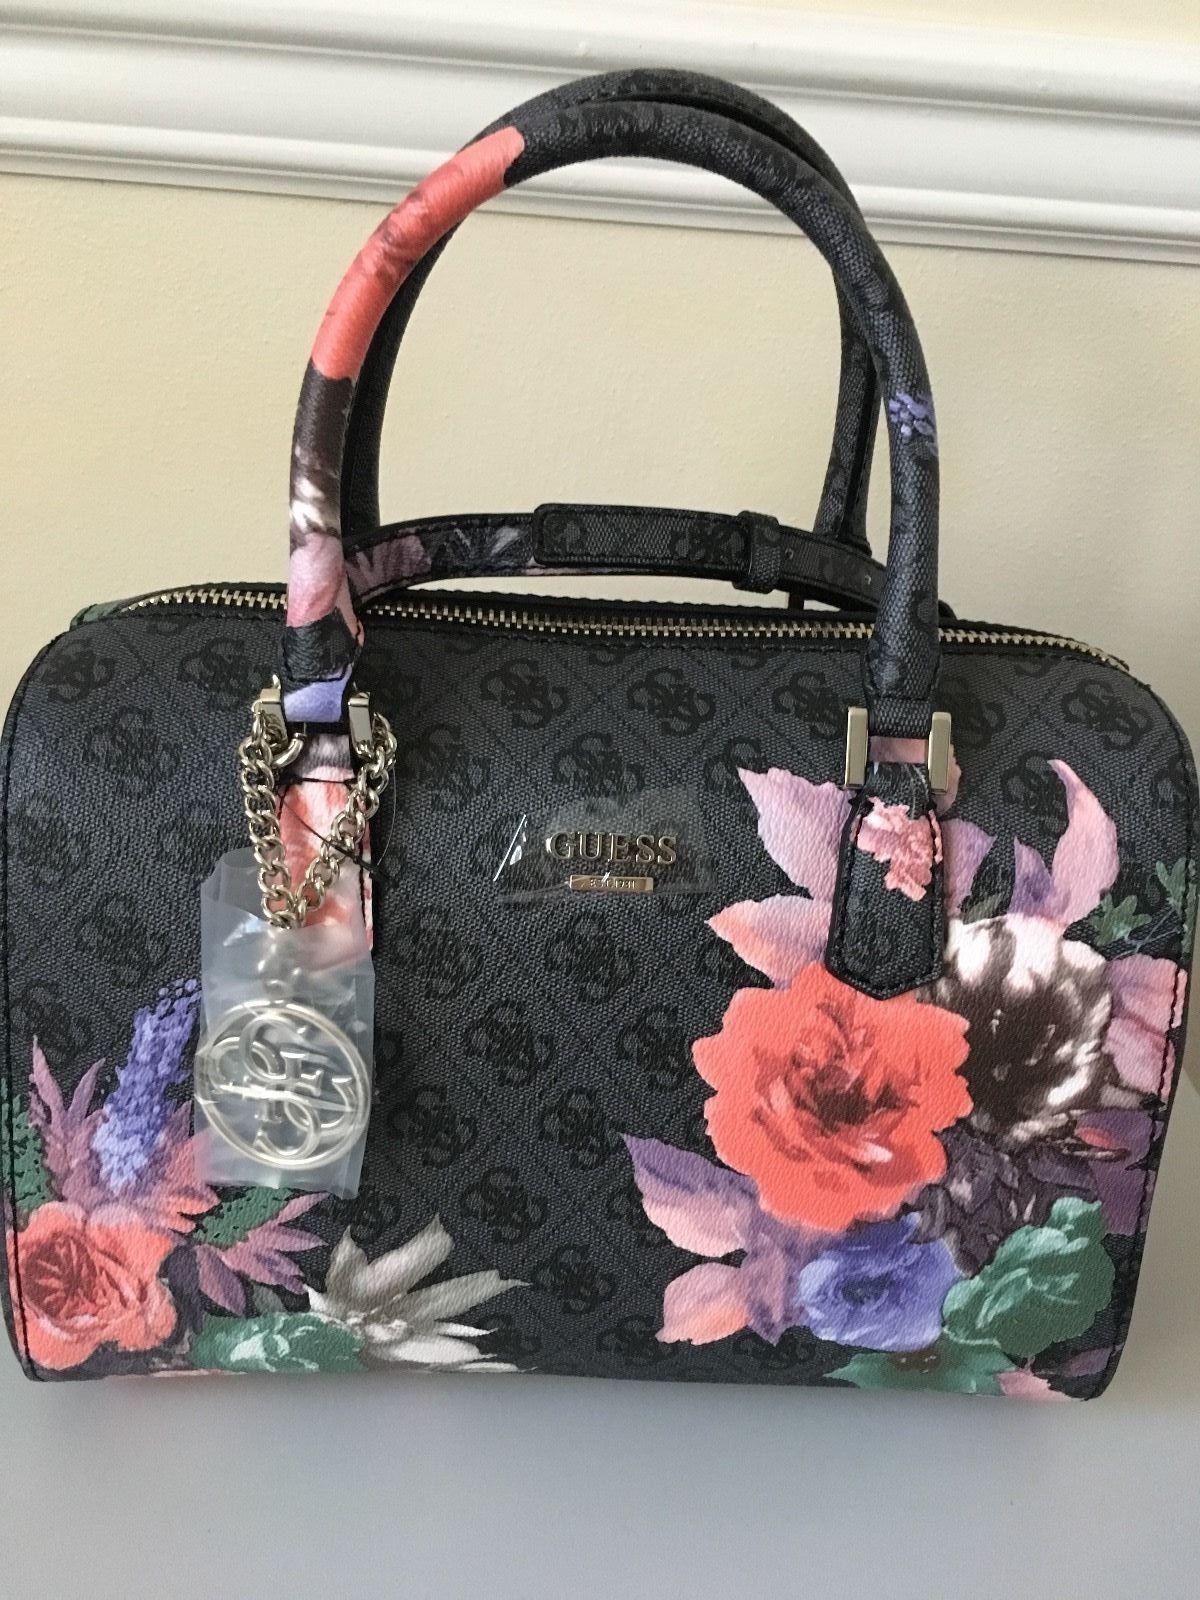 Guess Linnea Rose Floral Box Satchel Handbag Black Coal 89 0